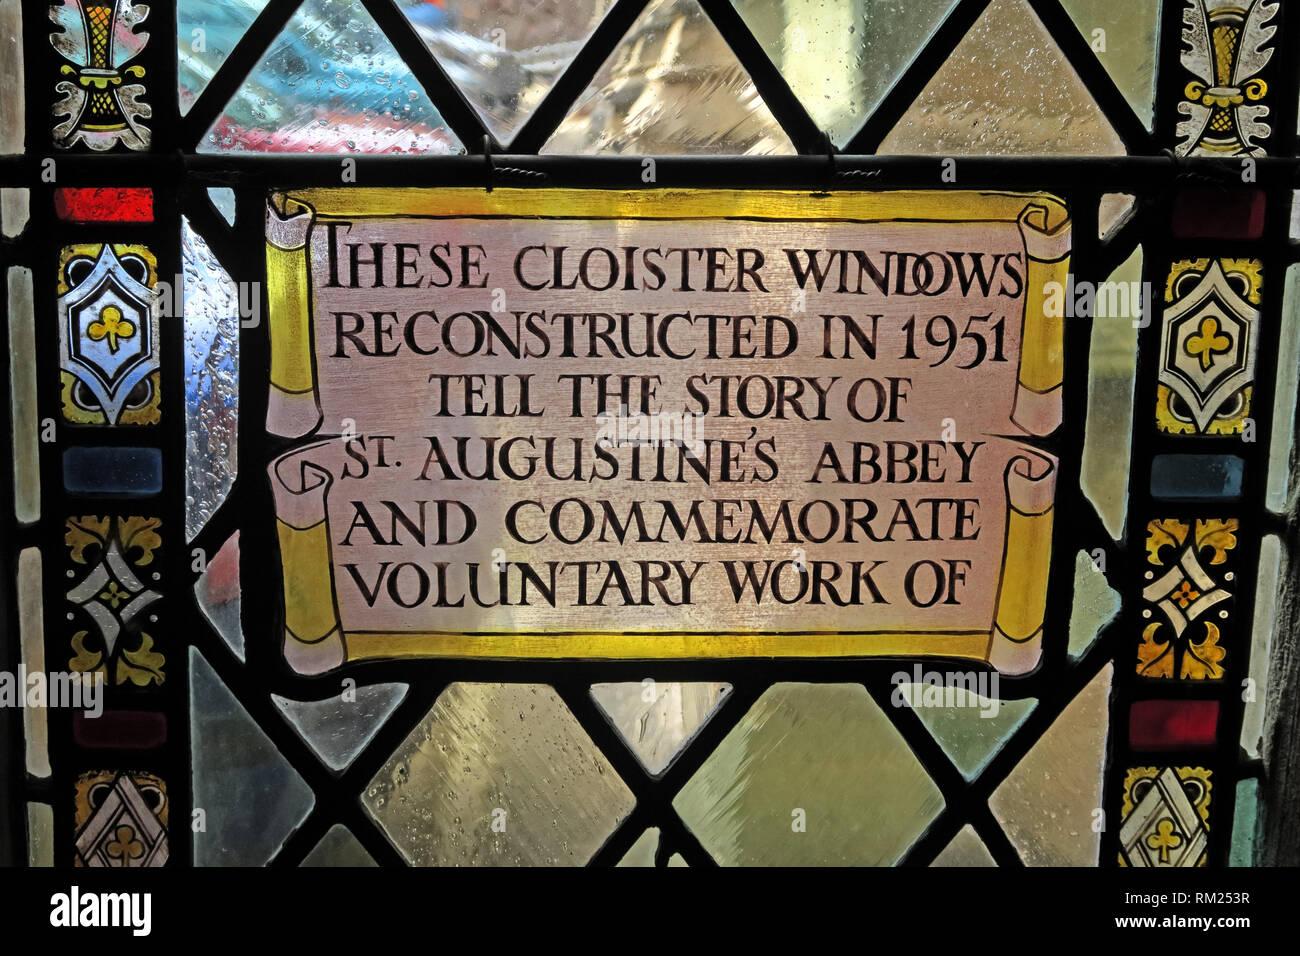 GoTonySmith,HotpixUK,@HotpixUK,England,UK,Cathedral,Bristol